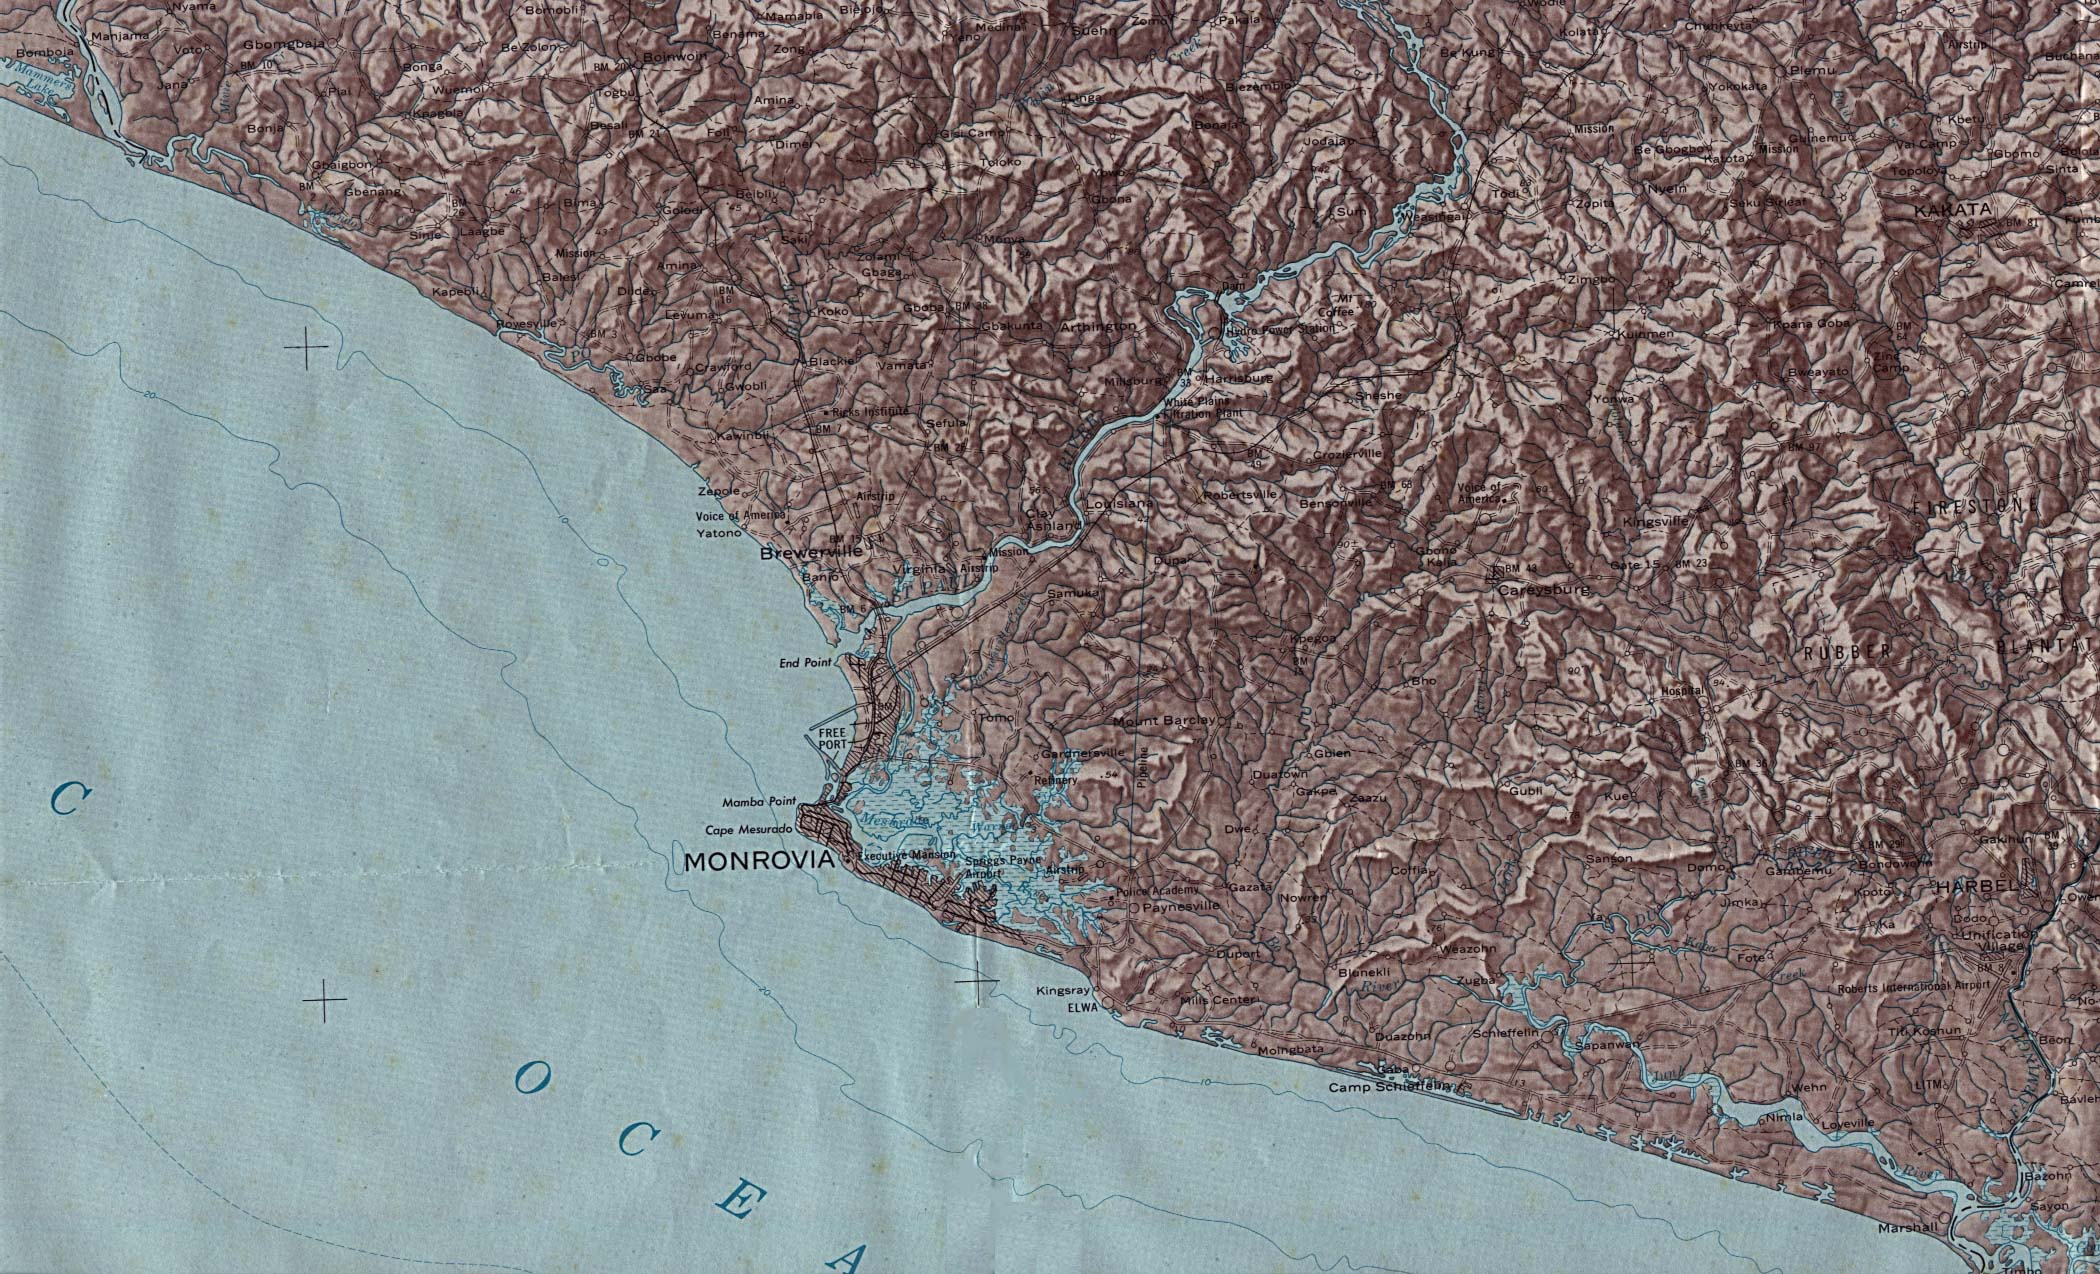 Mapa de Relieve Sombreado de la Région de Monrovia, Liberia